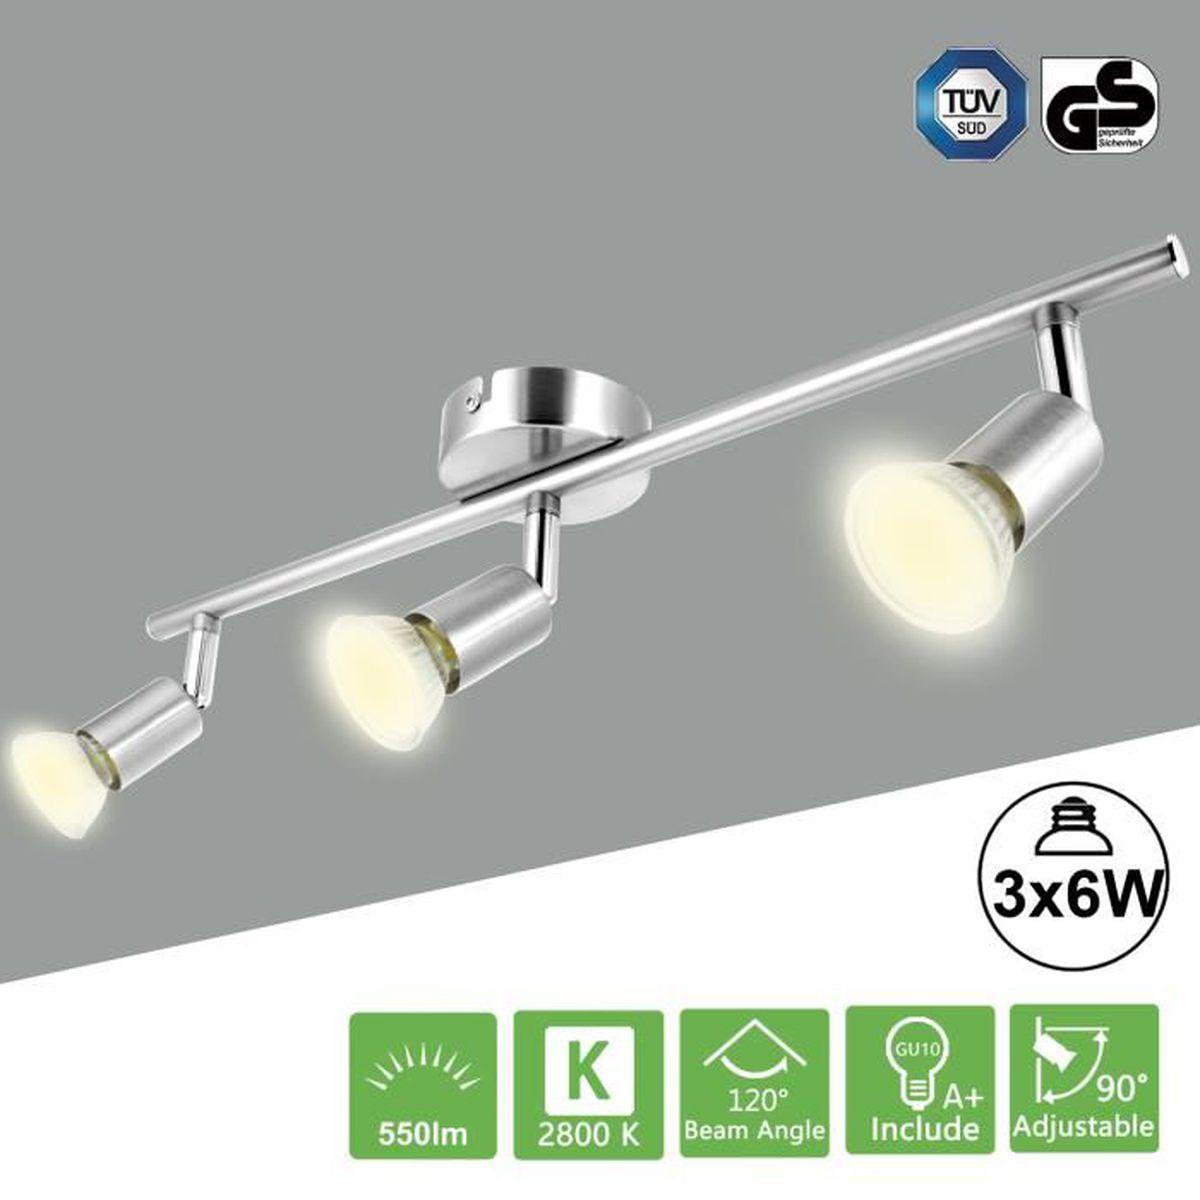 2/x GU10/Inclus m/étal 3000/K blanc chaud Plafonnier /à LED spots LED au design Movie 230/lm chrom/é